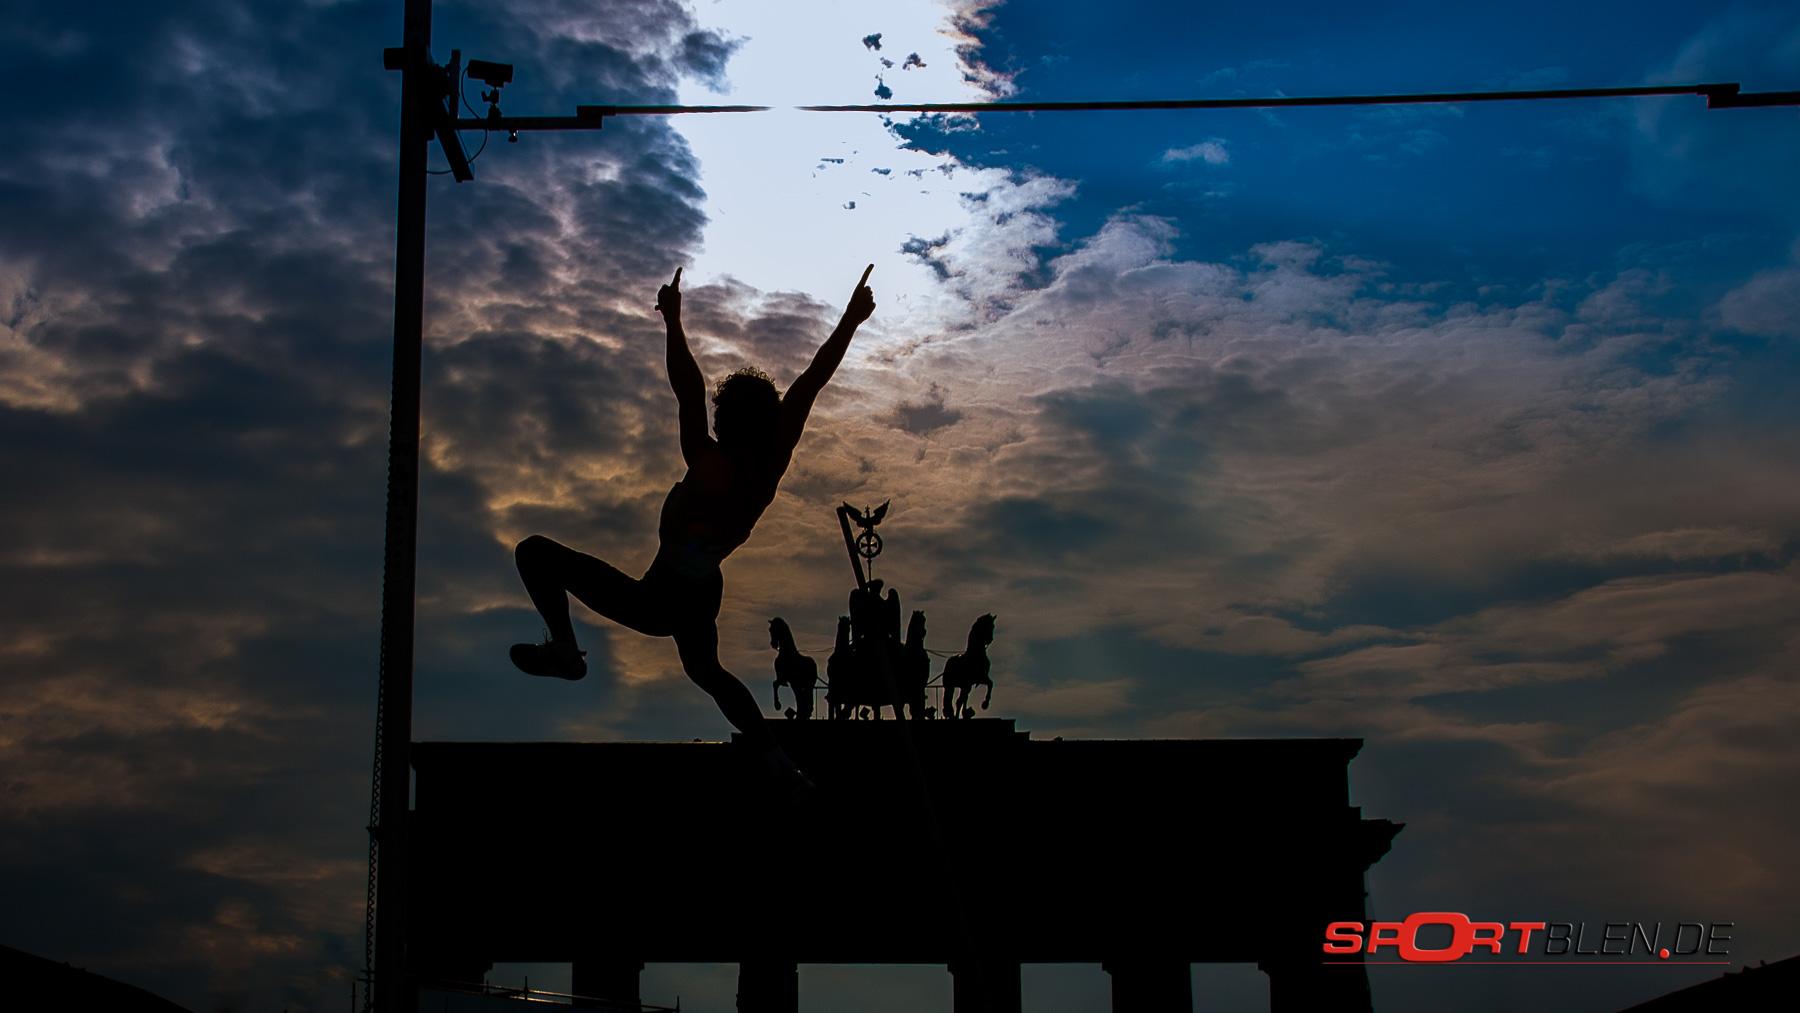 Stabhochsprung am / über das Brandenburger Tor